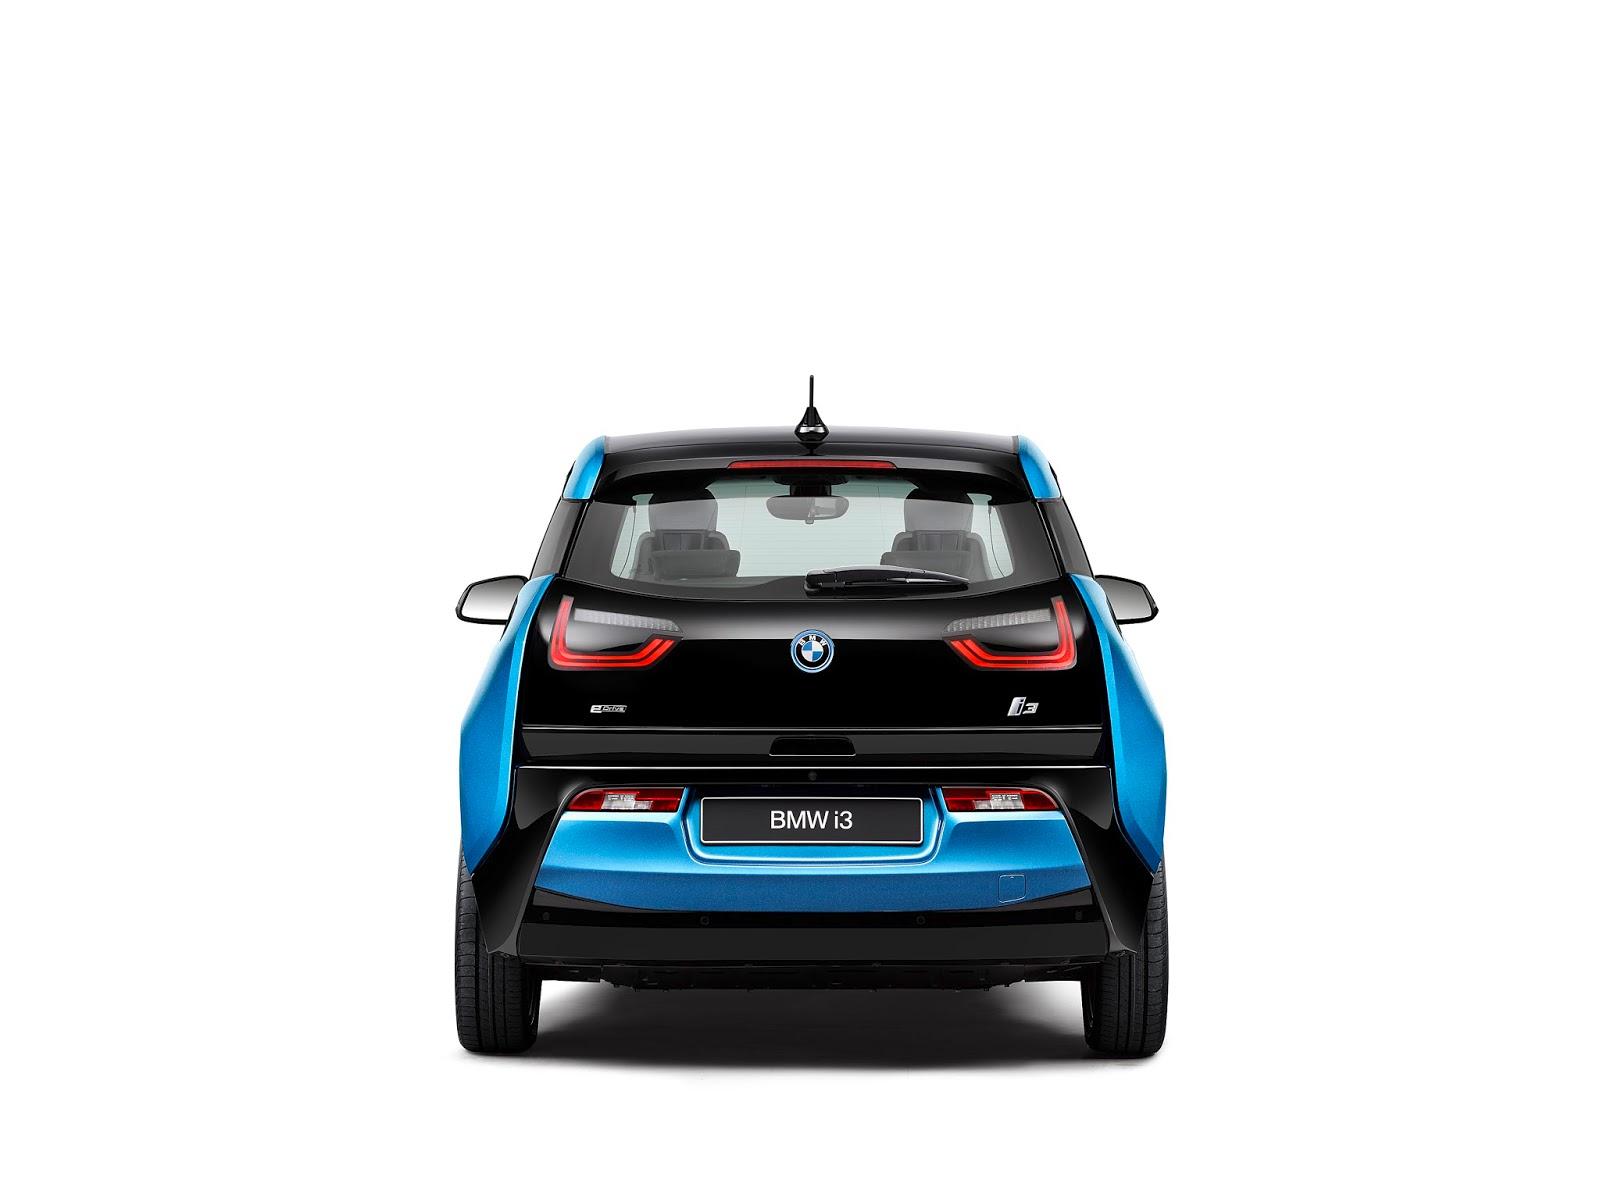 P90216950 highRes bmw i3 94ah 05 2016 1 Μεγαλύτερη αυτονομία για το i3 της BMW BMW, BMW i, BMW i3, car, Electric cars